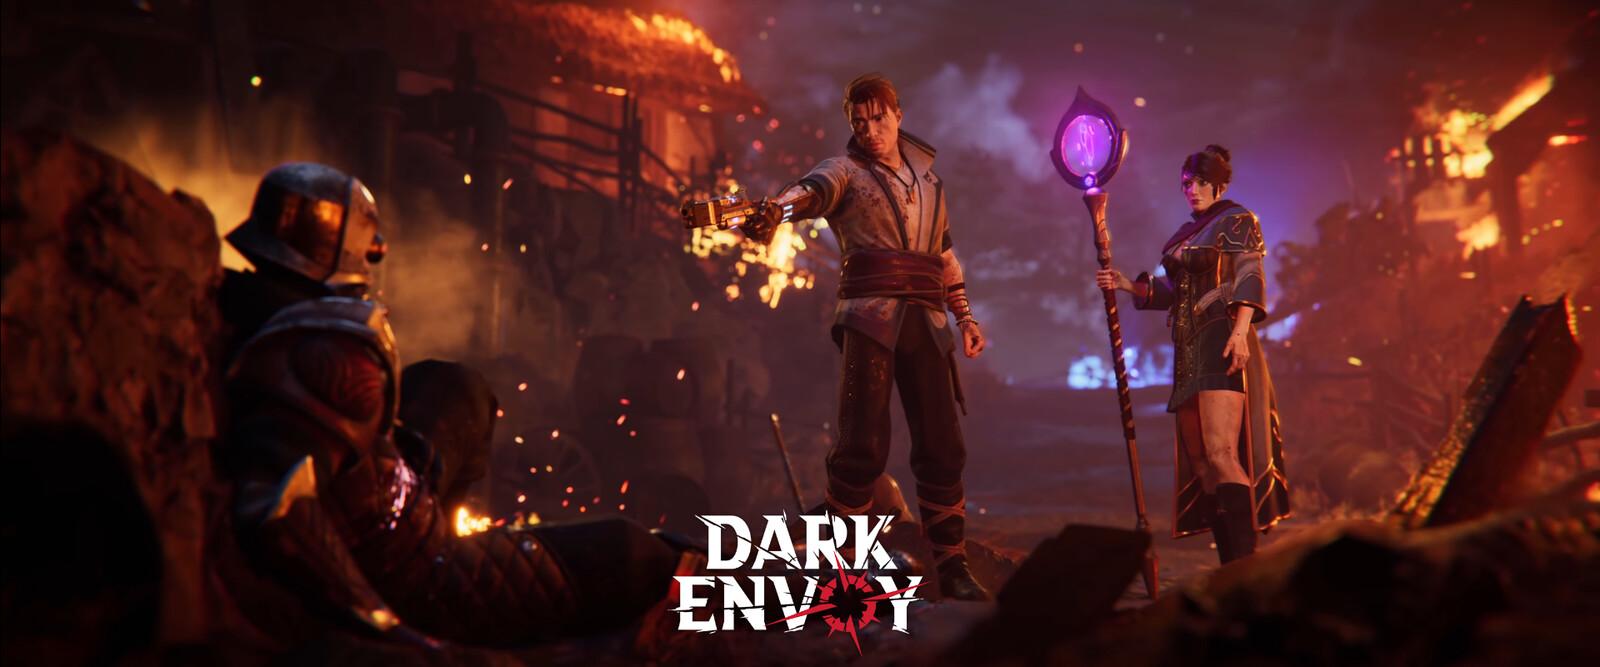 Dark Envoy Trailer